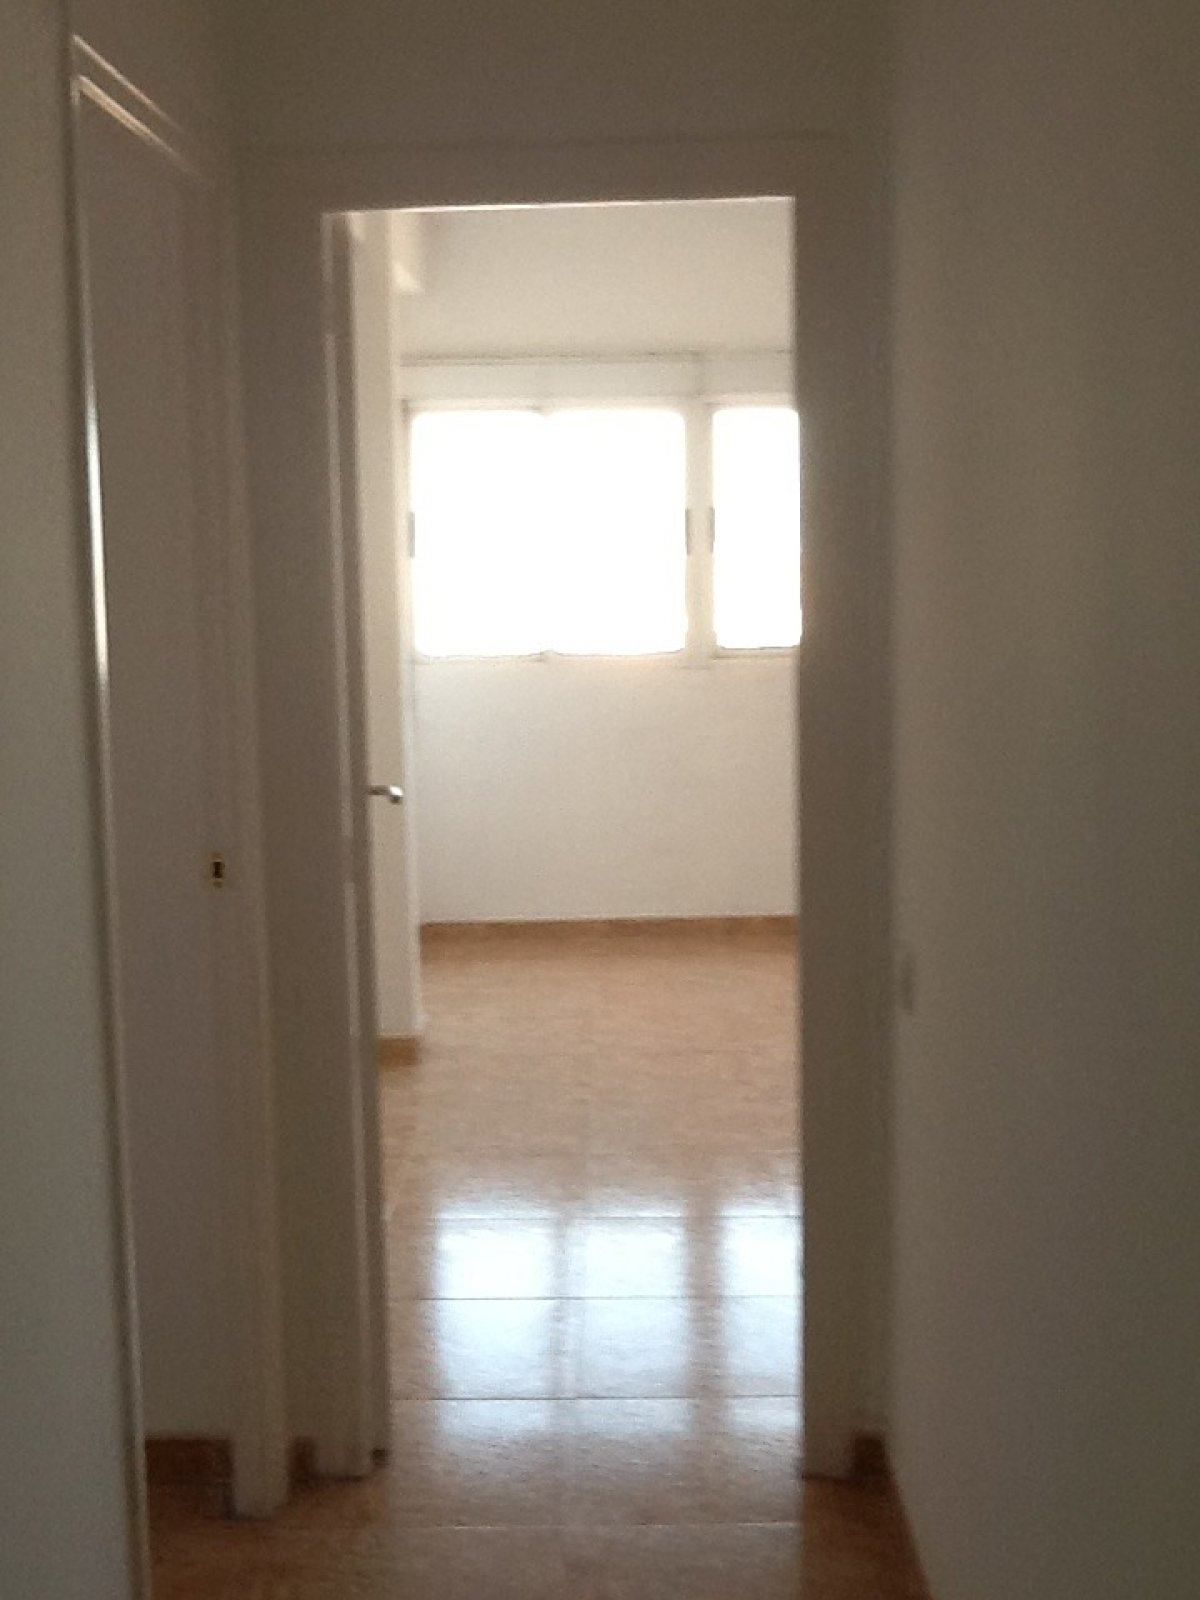 Alquiler de piso en valencia - imagenInmueble10